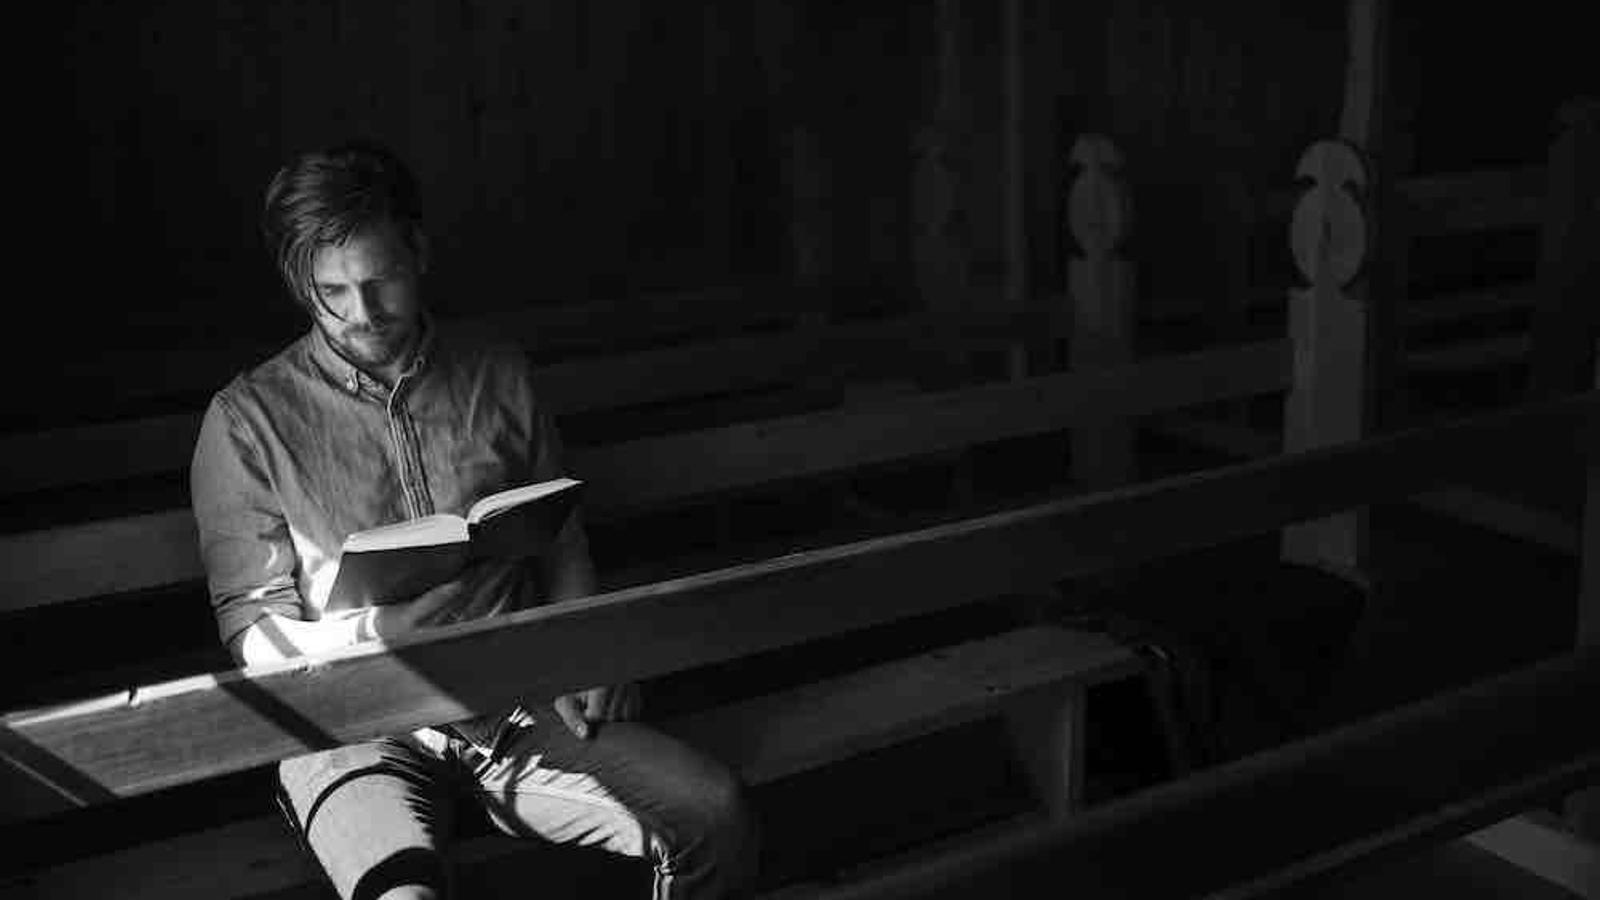 Símun Christian Olsen, un noi nascut 5 a Toftir, un poble de la zona coneguda com el cinturó bíblic, molt tradicional i conservadora. / Guillem Trius